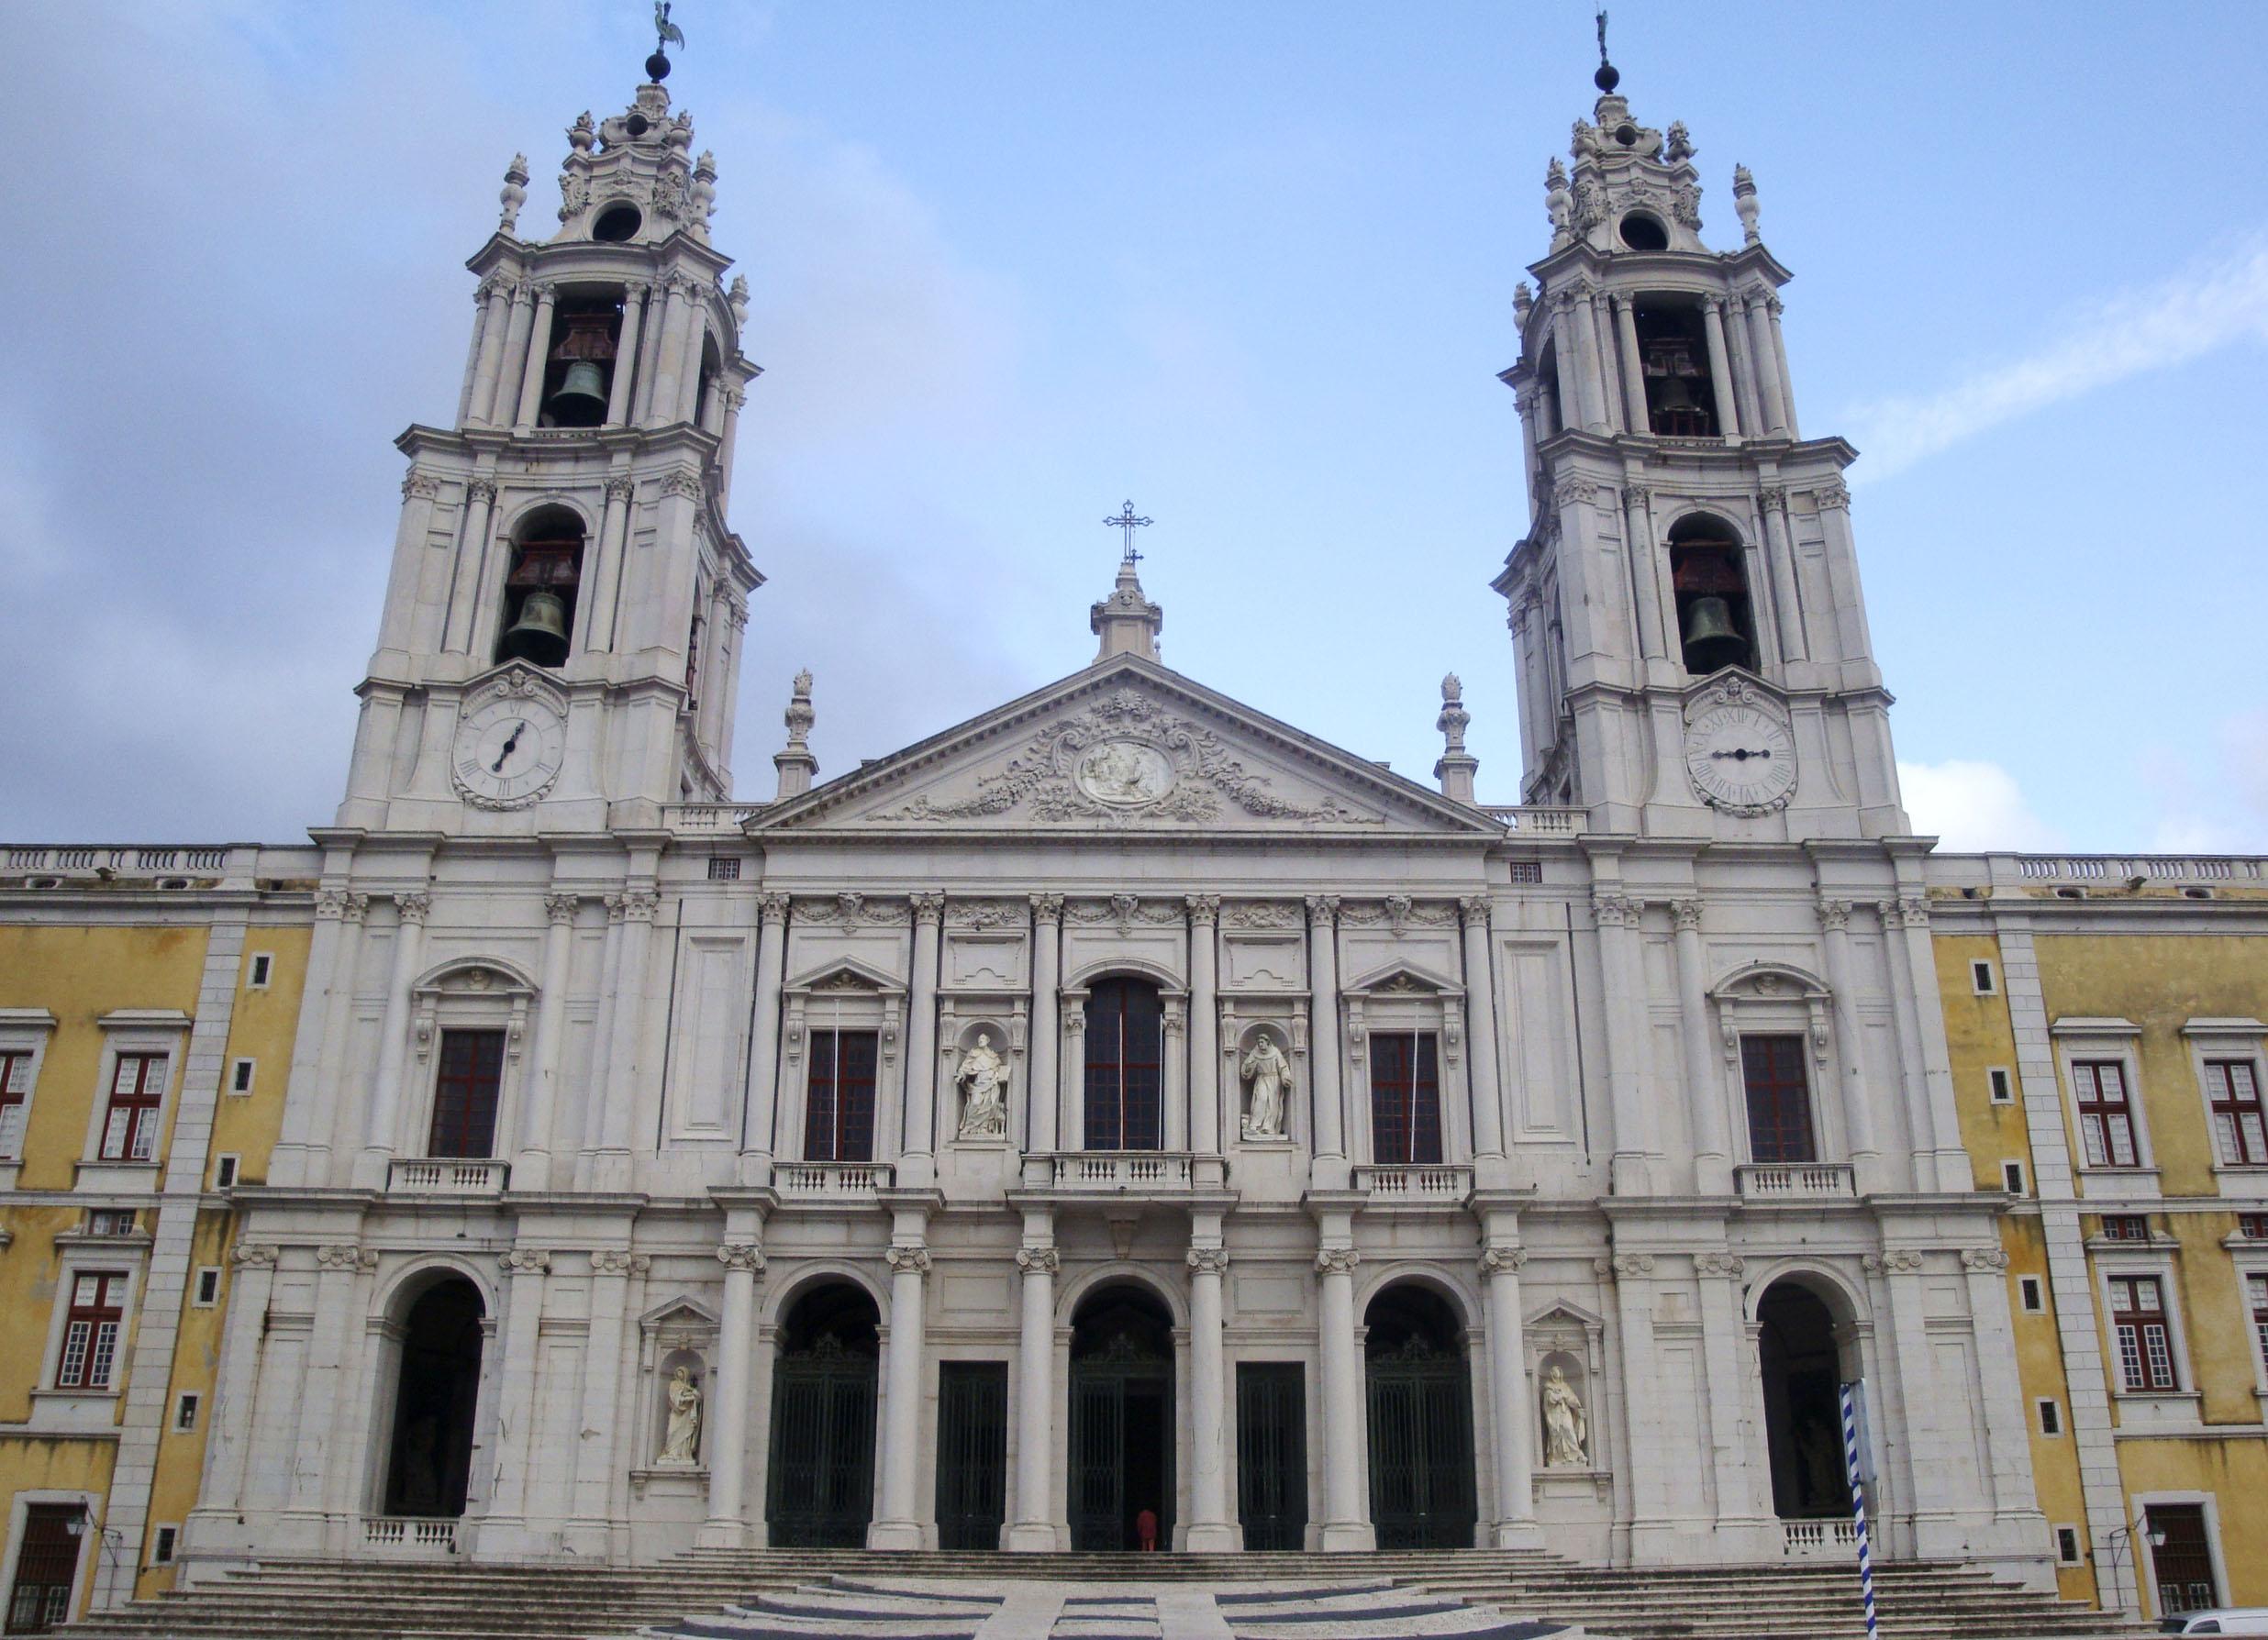 El magnífico Palacio de Mafra debe incluirse en una visita de 1 semana a Lisboa